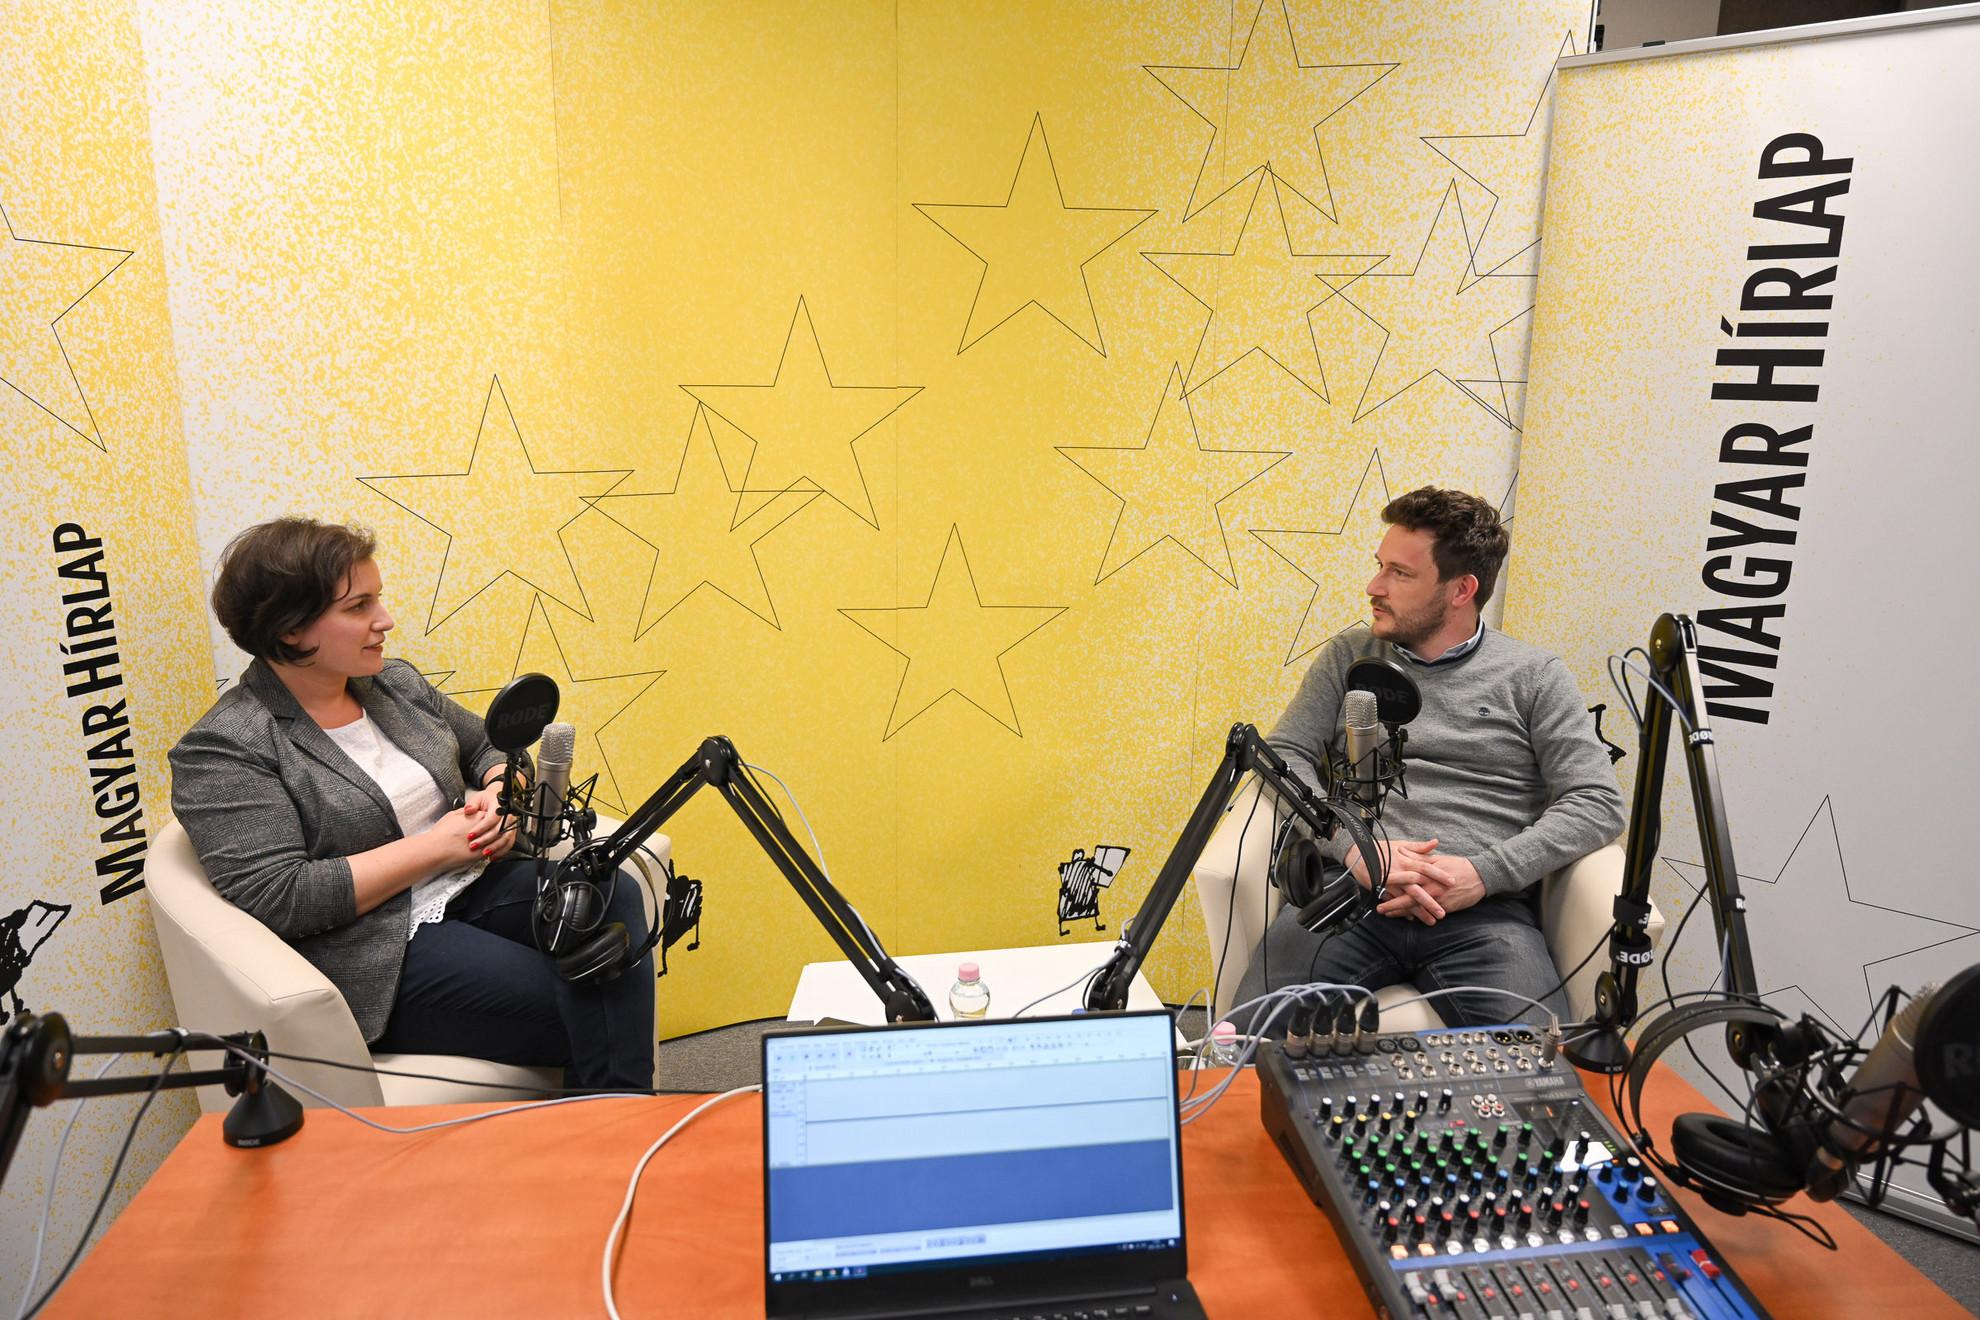 Lapunk főmunkatársa, Őry Mariann és Kovács Attila, az Alapjogokért Központ projektvezetője a Faktum műsorának felvételén